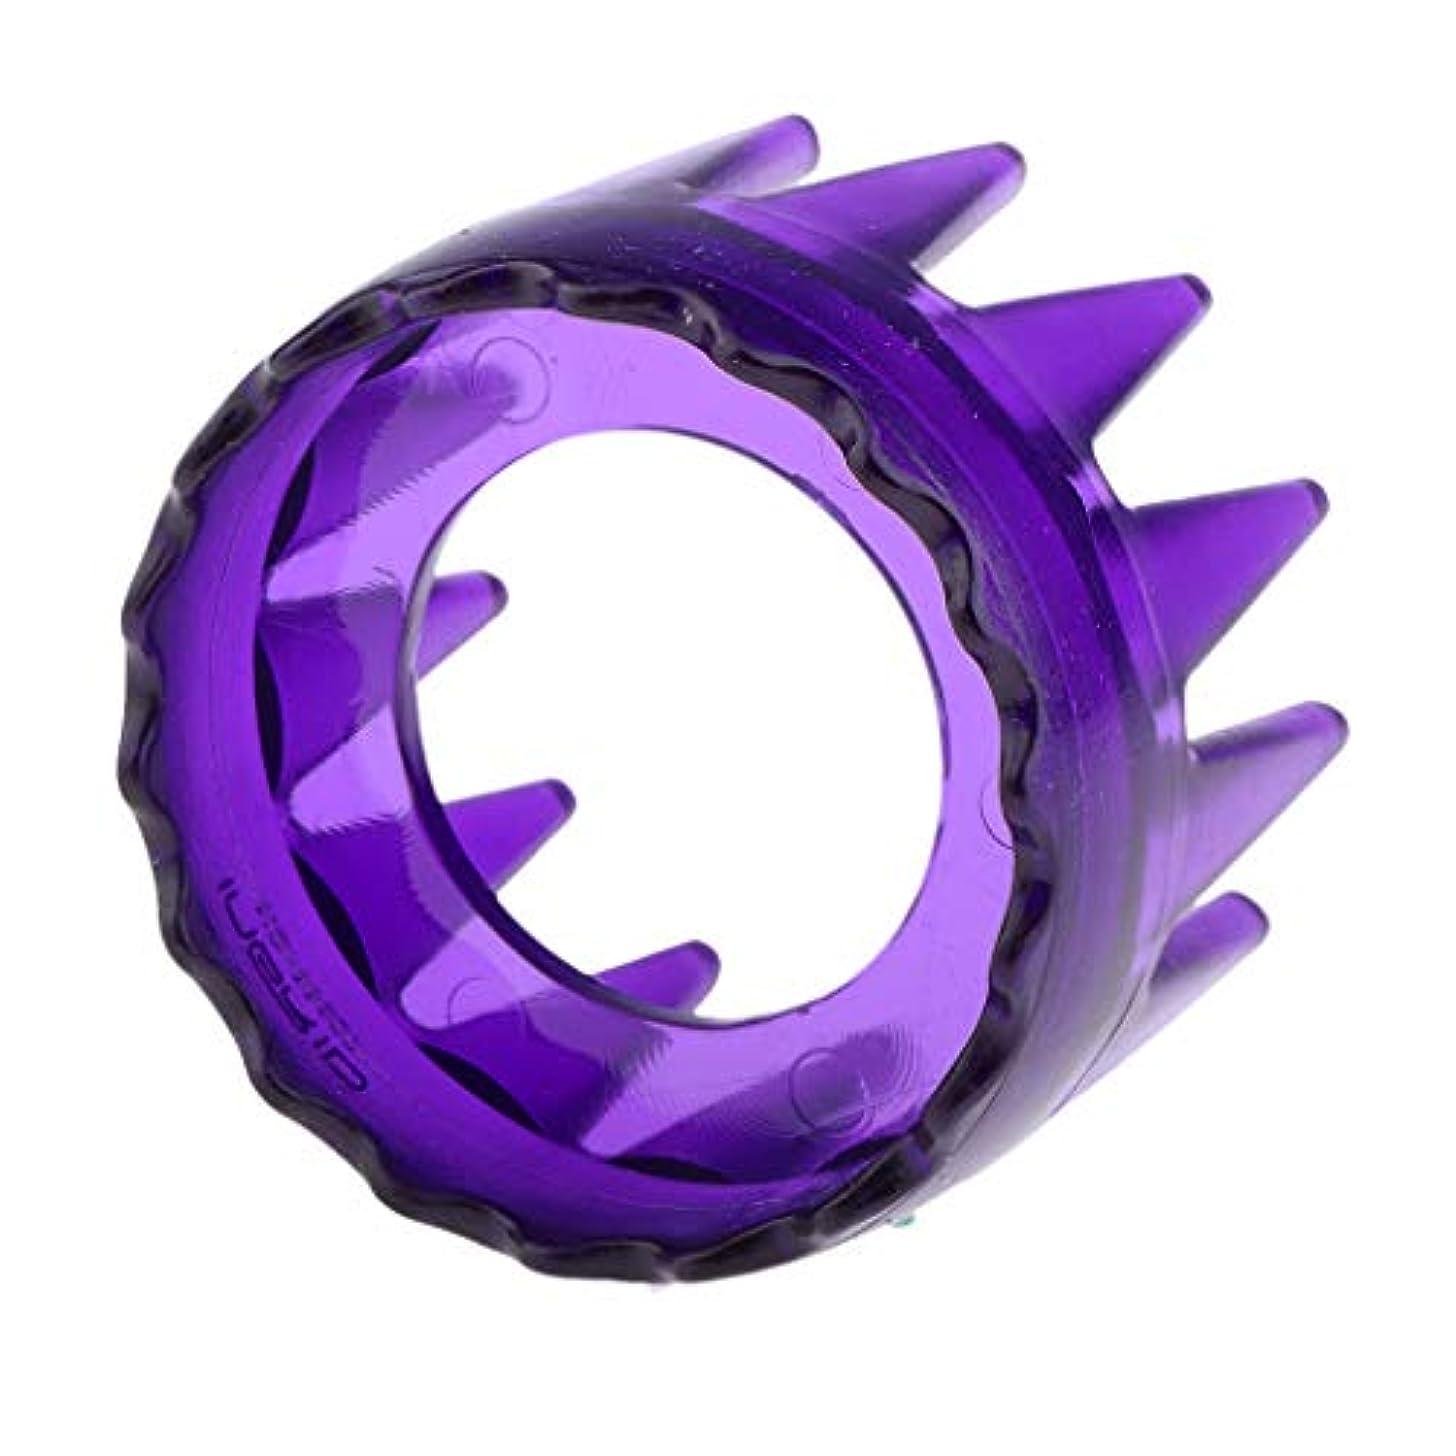 アルカトラズ島木起こりやすいシャンプーブラシ 洗髪櫛 マッサージャー ヘアコーム ヘアブラシ 滑り止め 快適 リラックス 全4色 - 紫